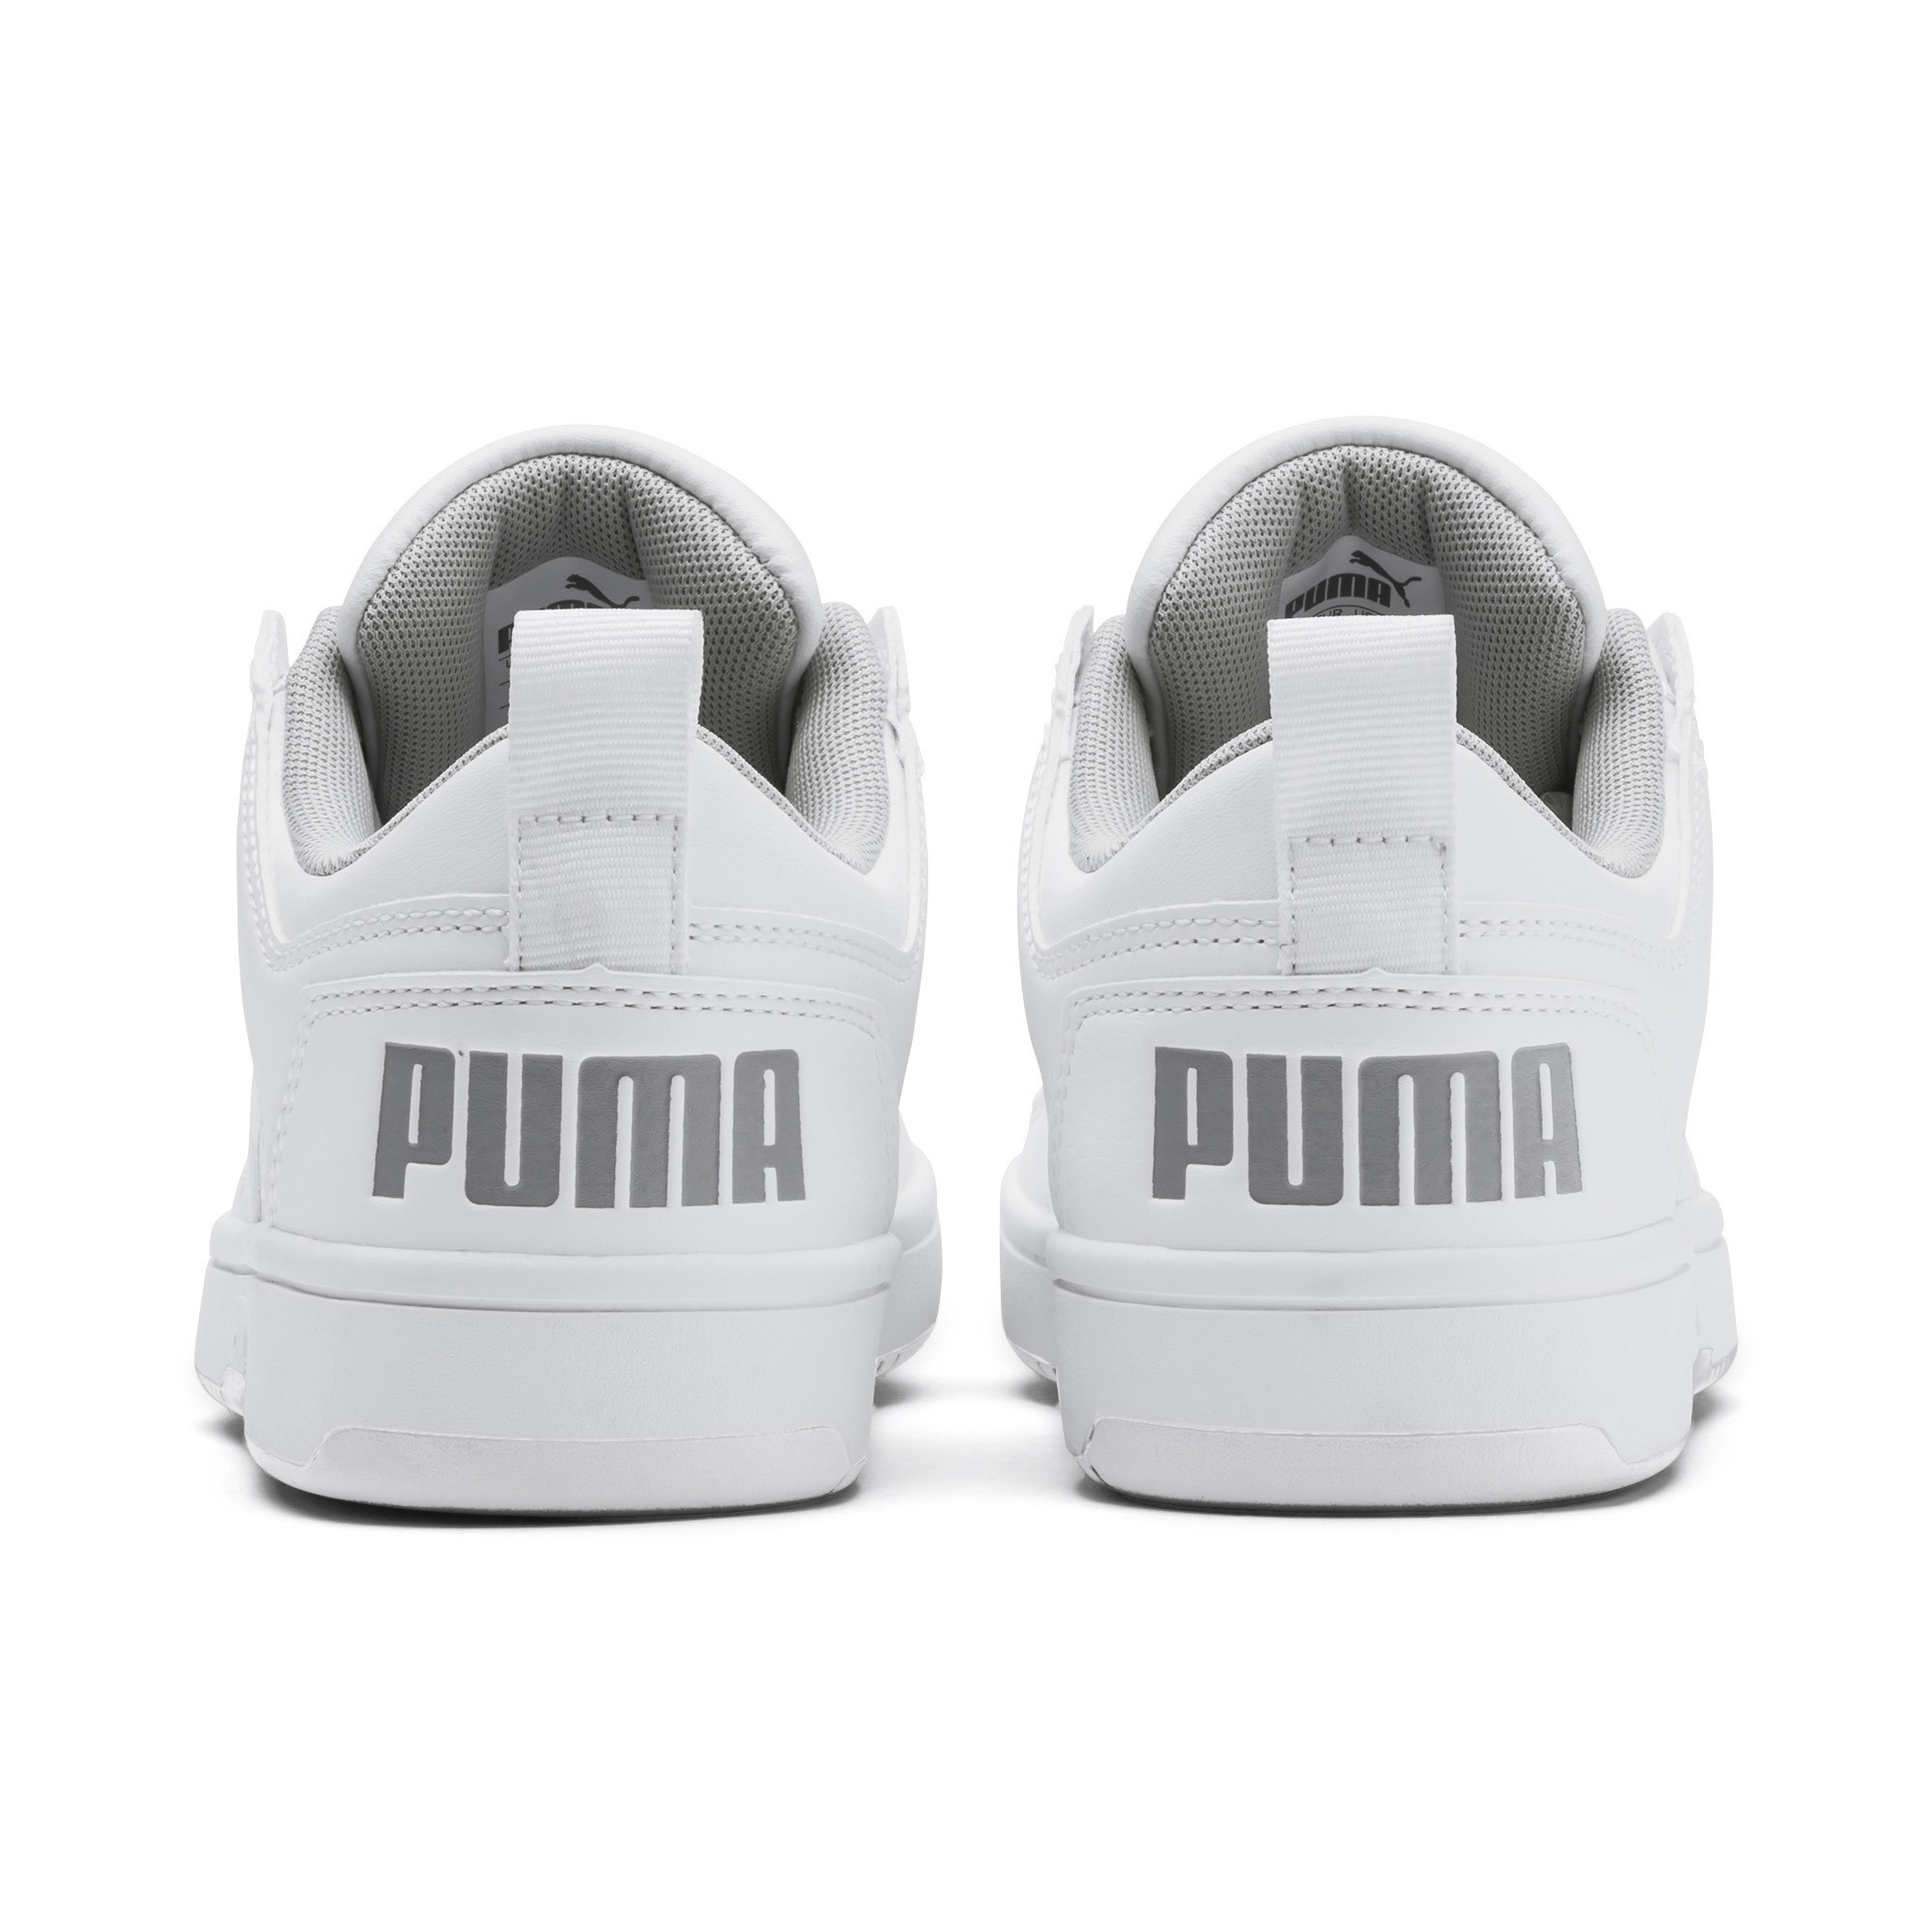 PUMA-PUMA-Rebound-LayUp-Lo-Sneakers-JR-Boys-Shoe-Kids thumbnail 3